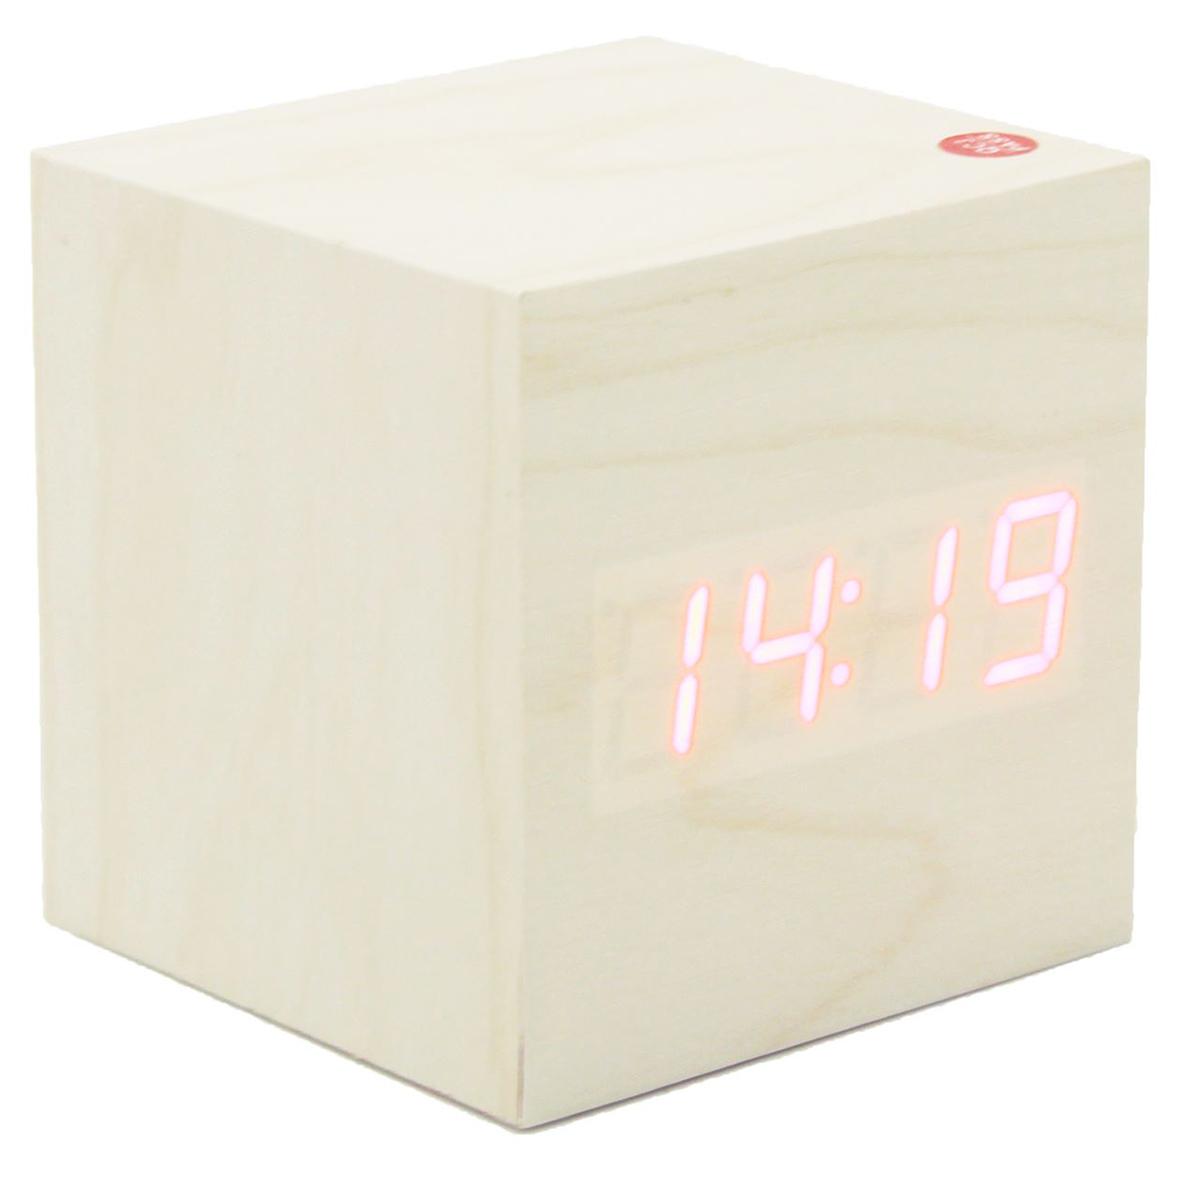 Часы-будильник Кубик. 26031332603133Часы-будильник имеют проекционный дисплей, на котором отображаются время и температура.